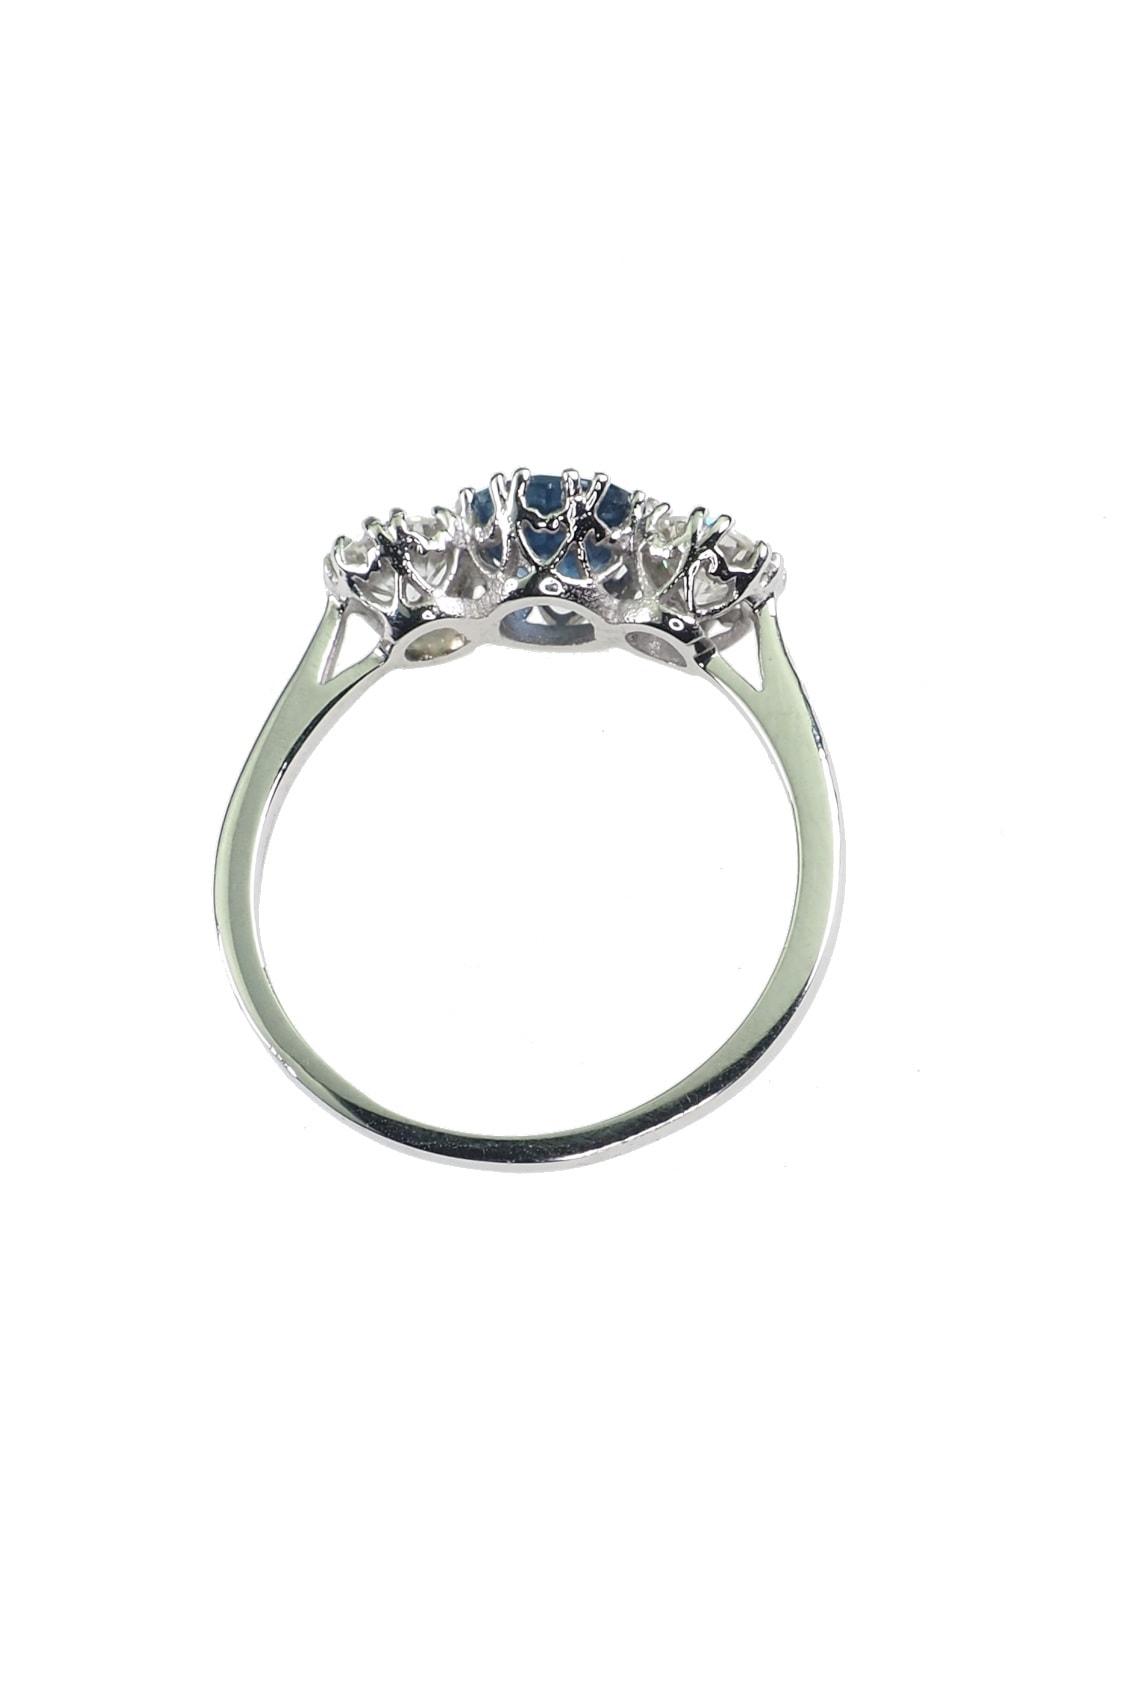 Verlobungsringe-online-kaufen-1229c